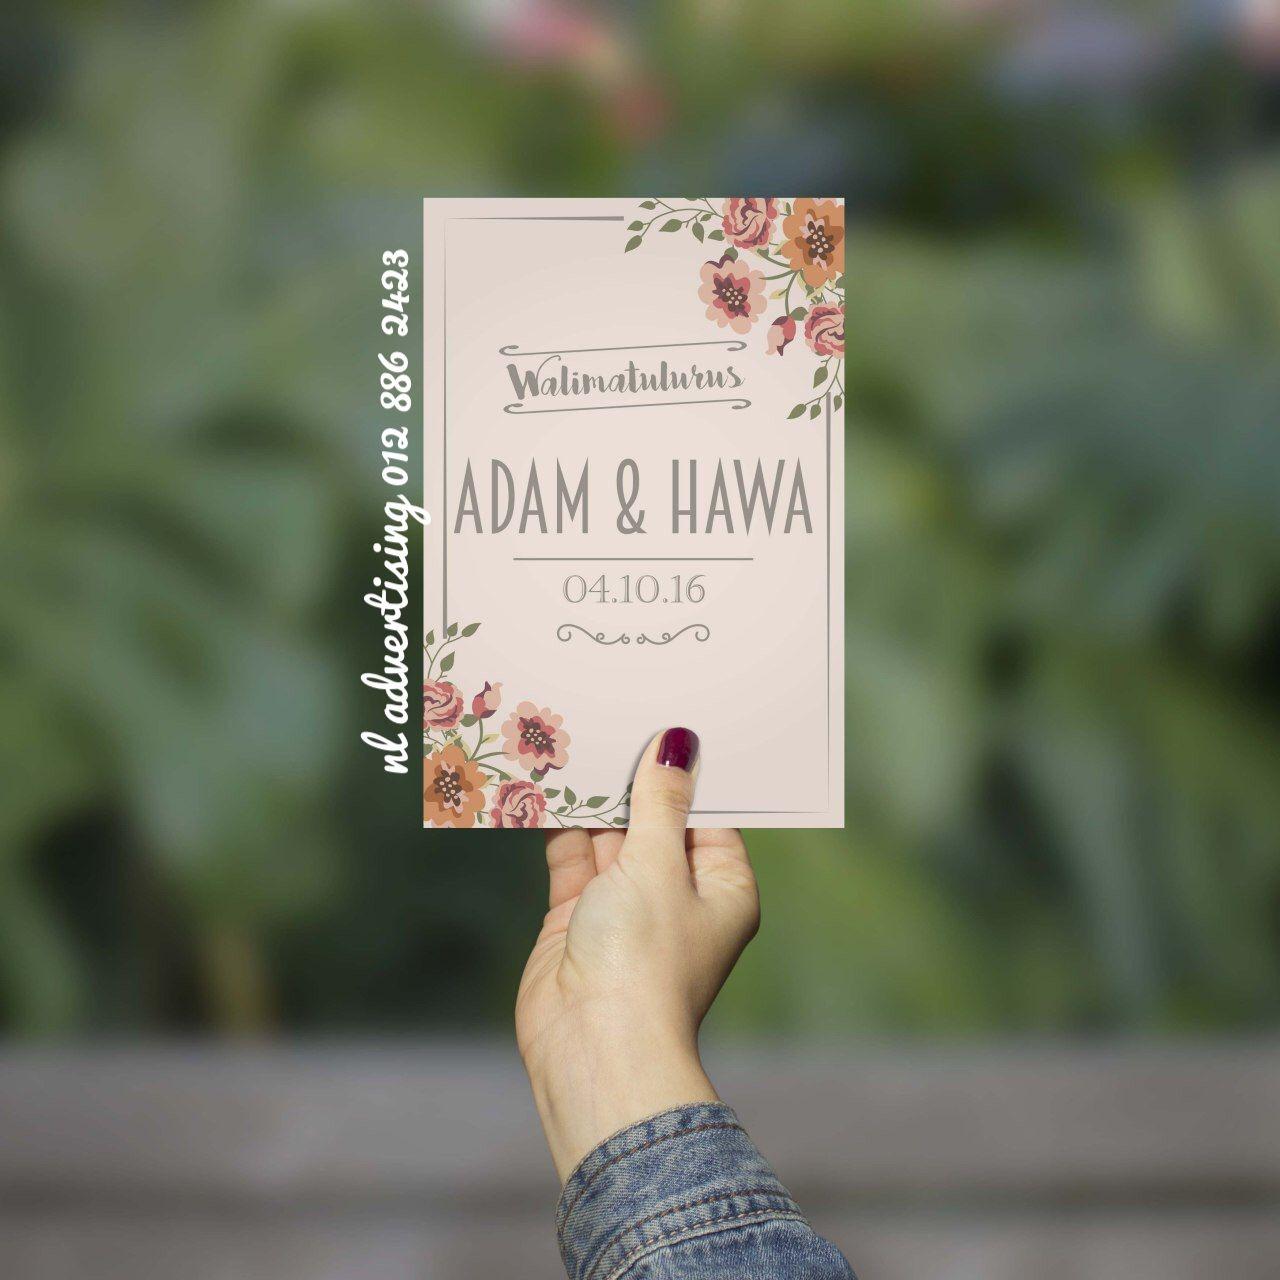 Kk 002 Rm 350 Free Postage Dengan Harga Yang Rendah Dan Murah Anda Dapat Semua 500 Keping Kad Kahwin Kad Kahwin Design Wedding Invitation Cards